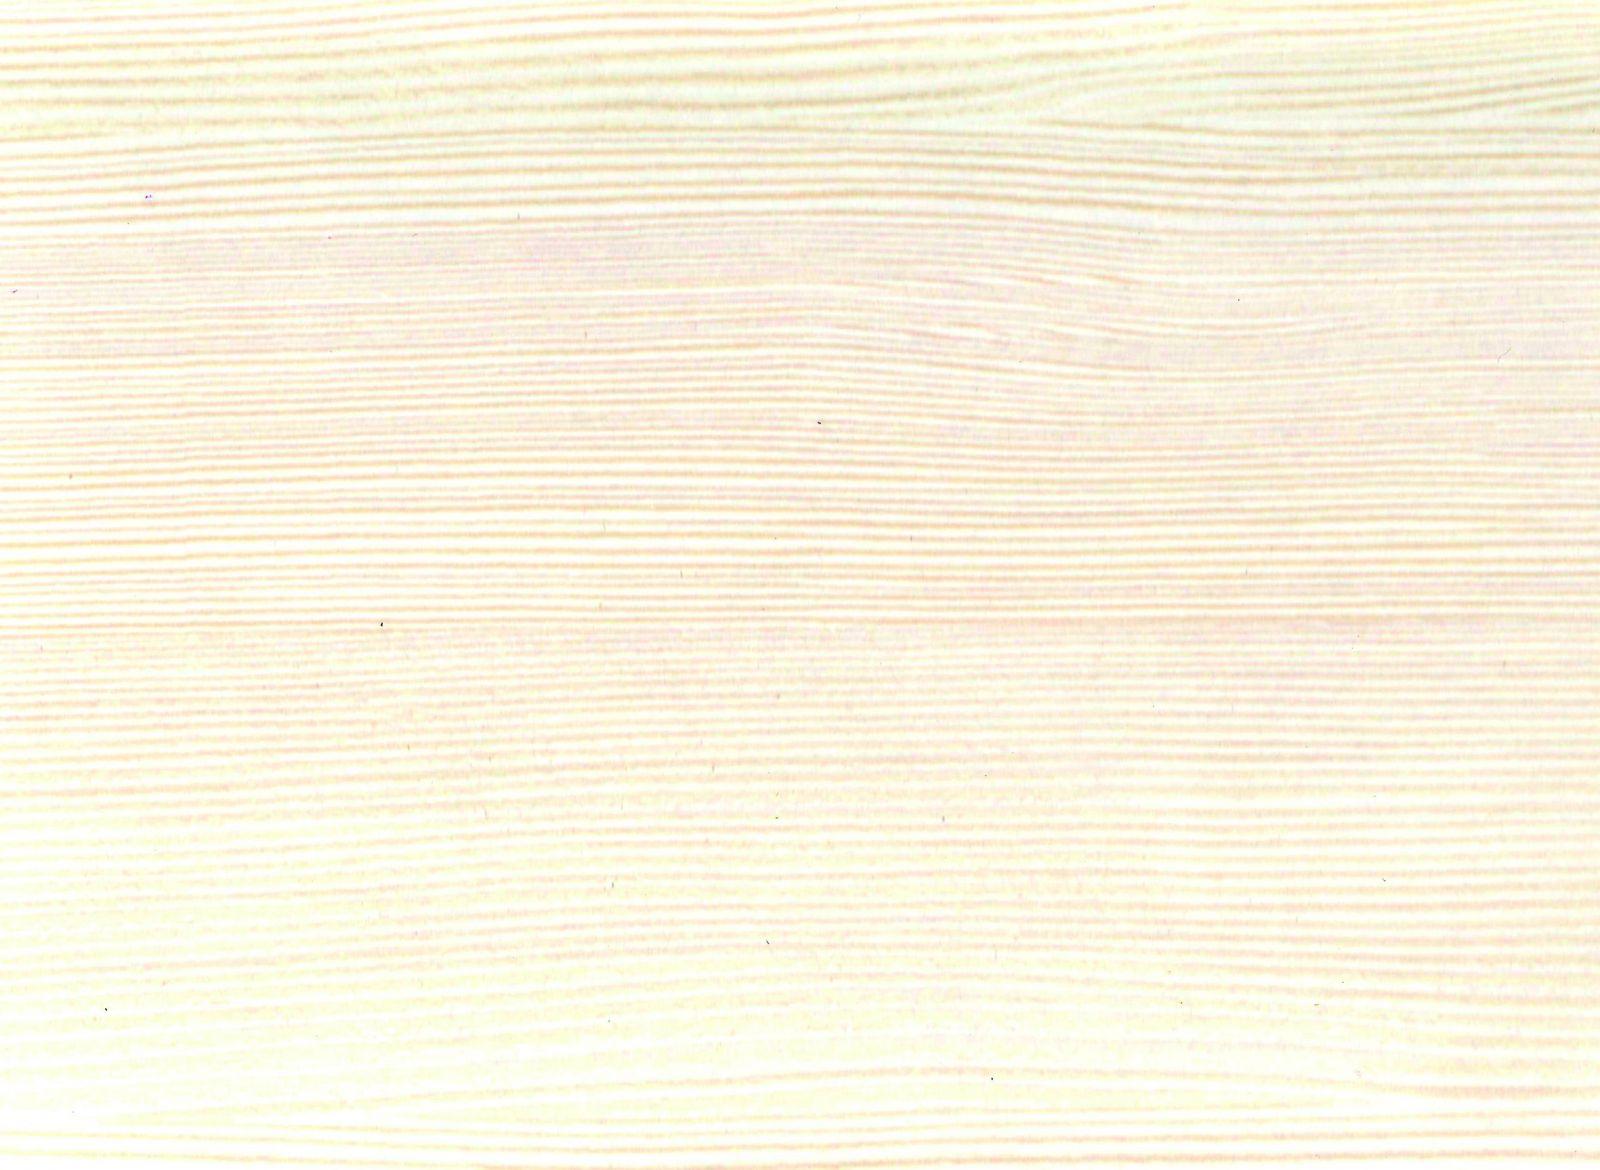 ясень білий (ДСП, художній друк)